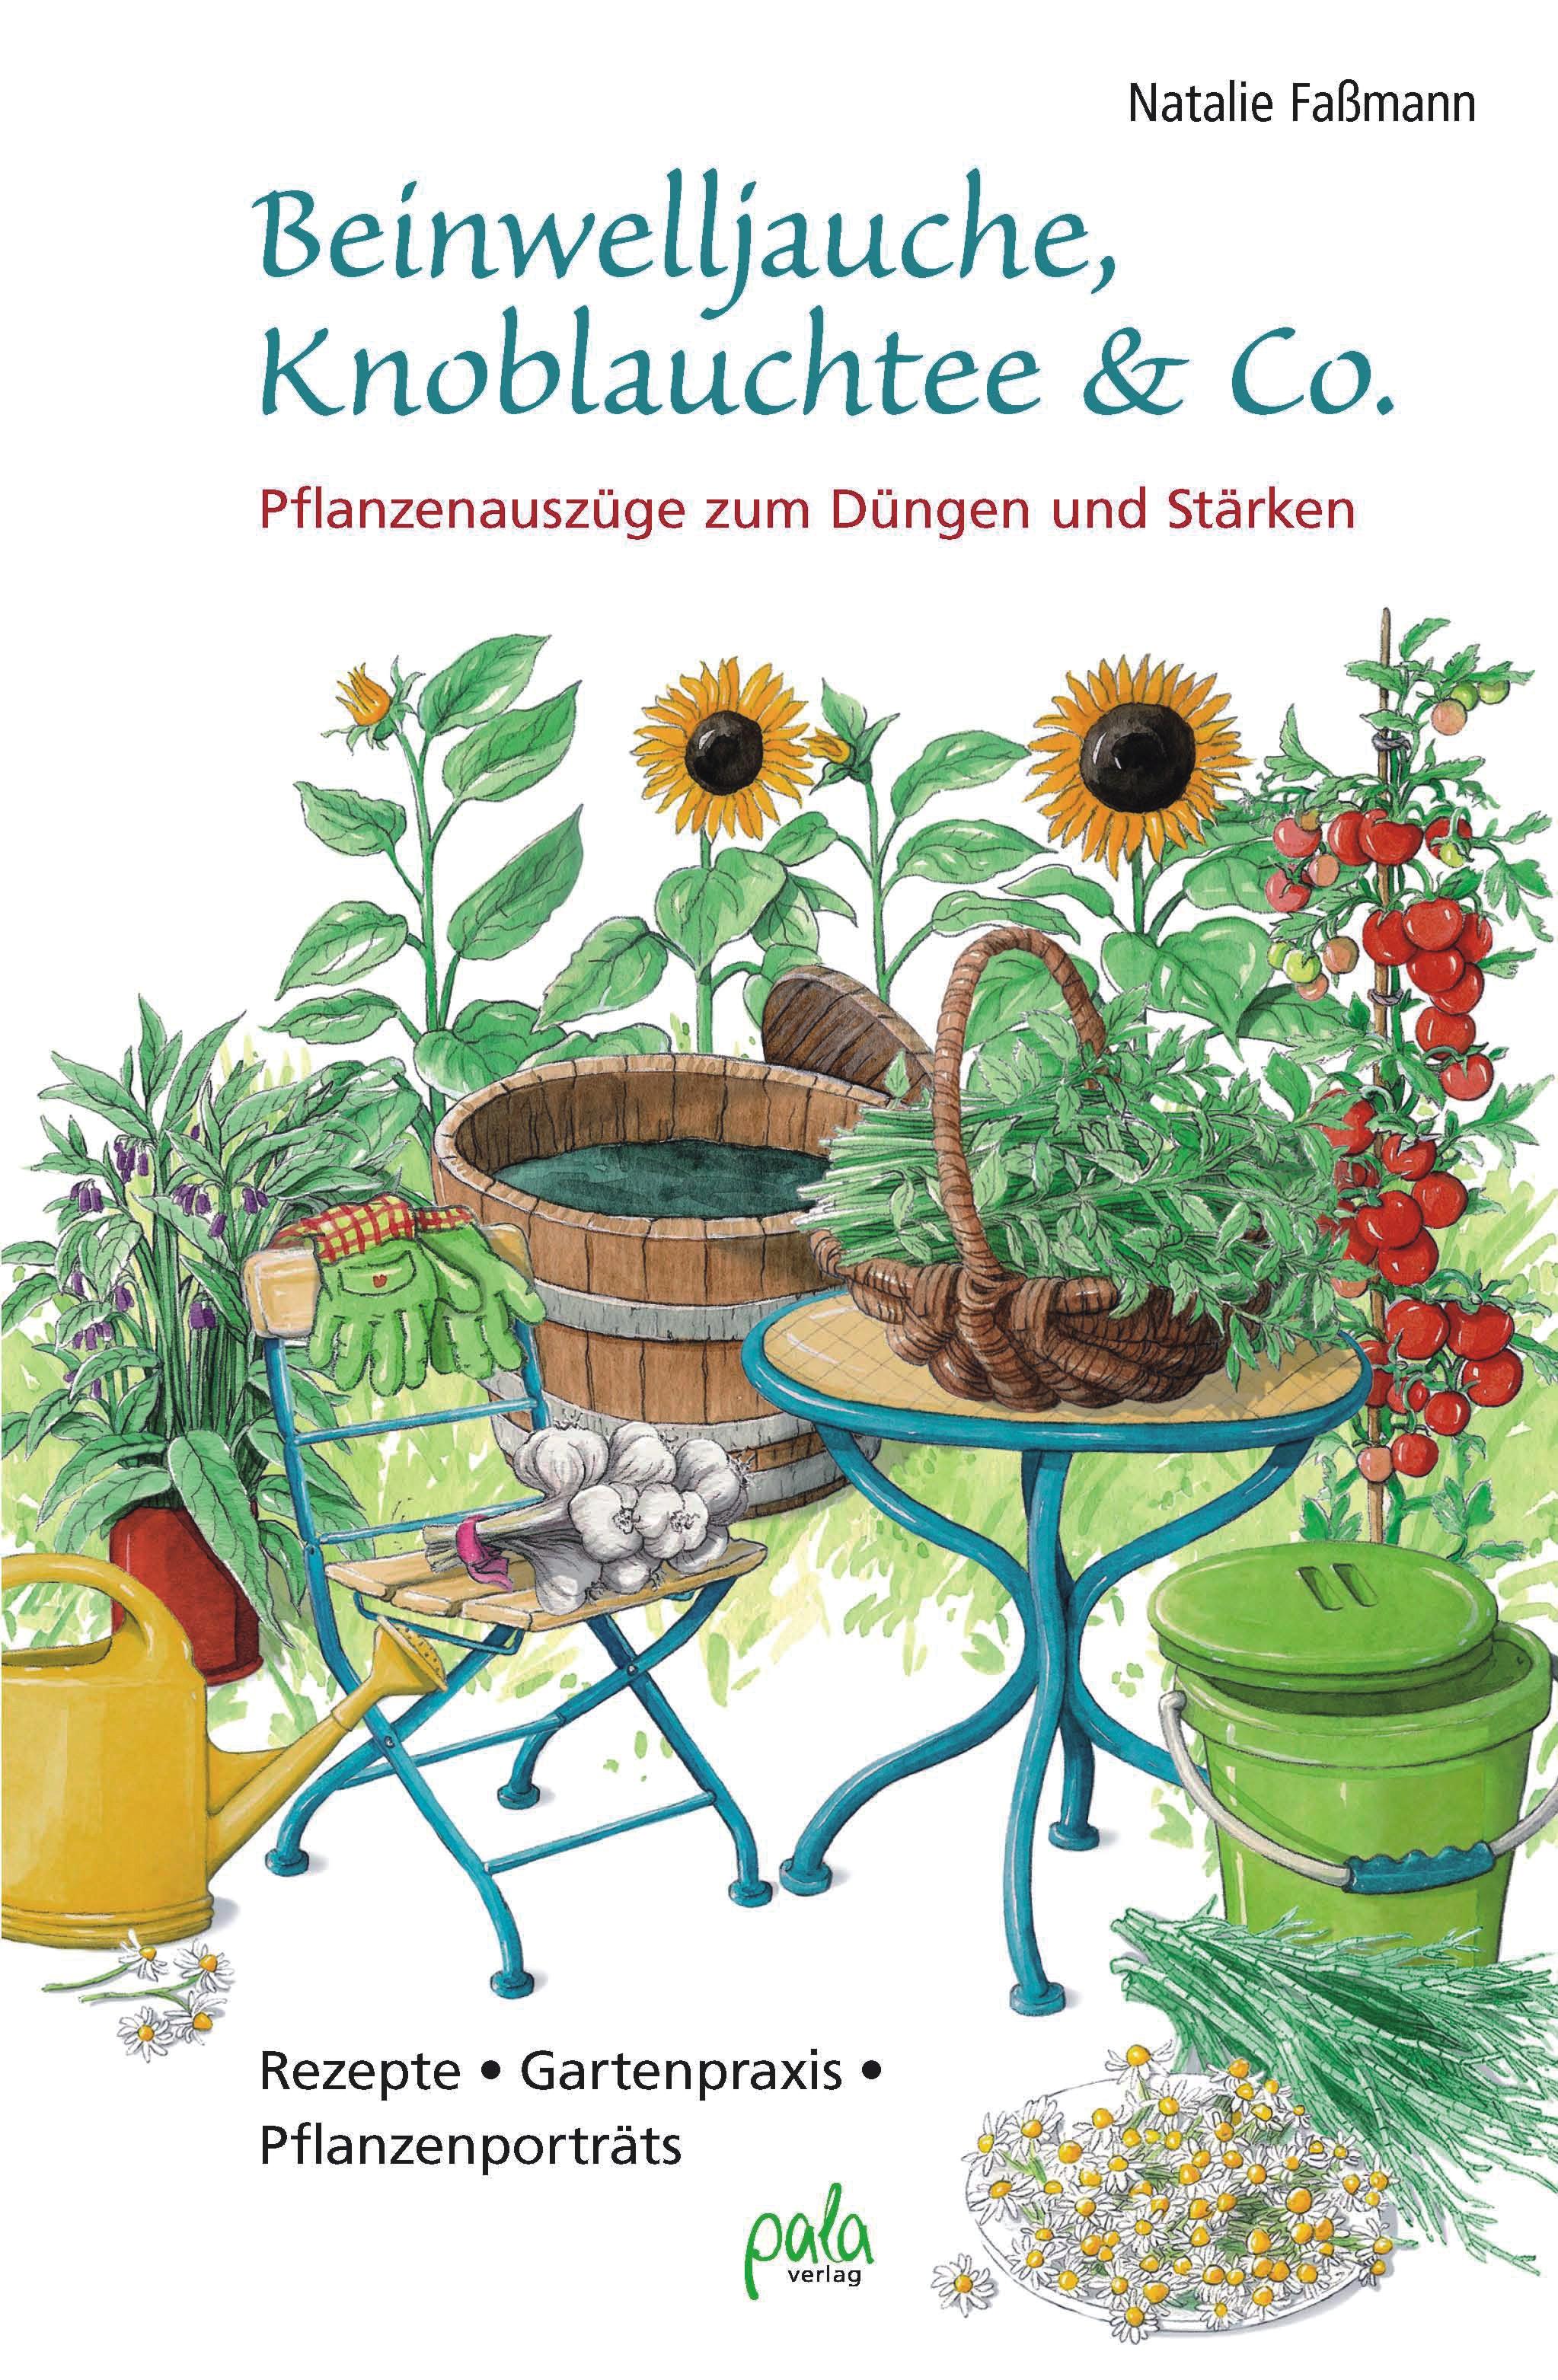 9783895663123 Beinwelljauche, Knoblauchtee & Co.